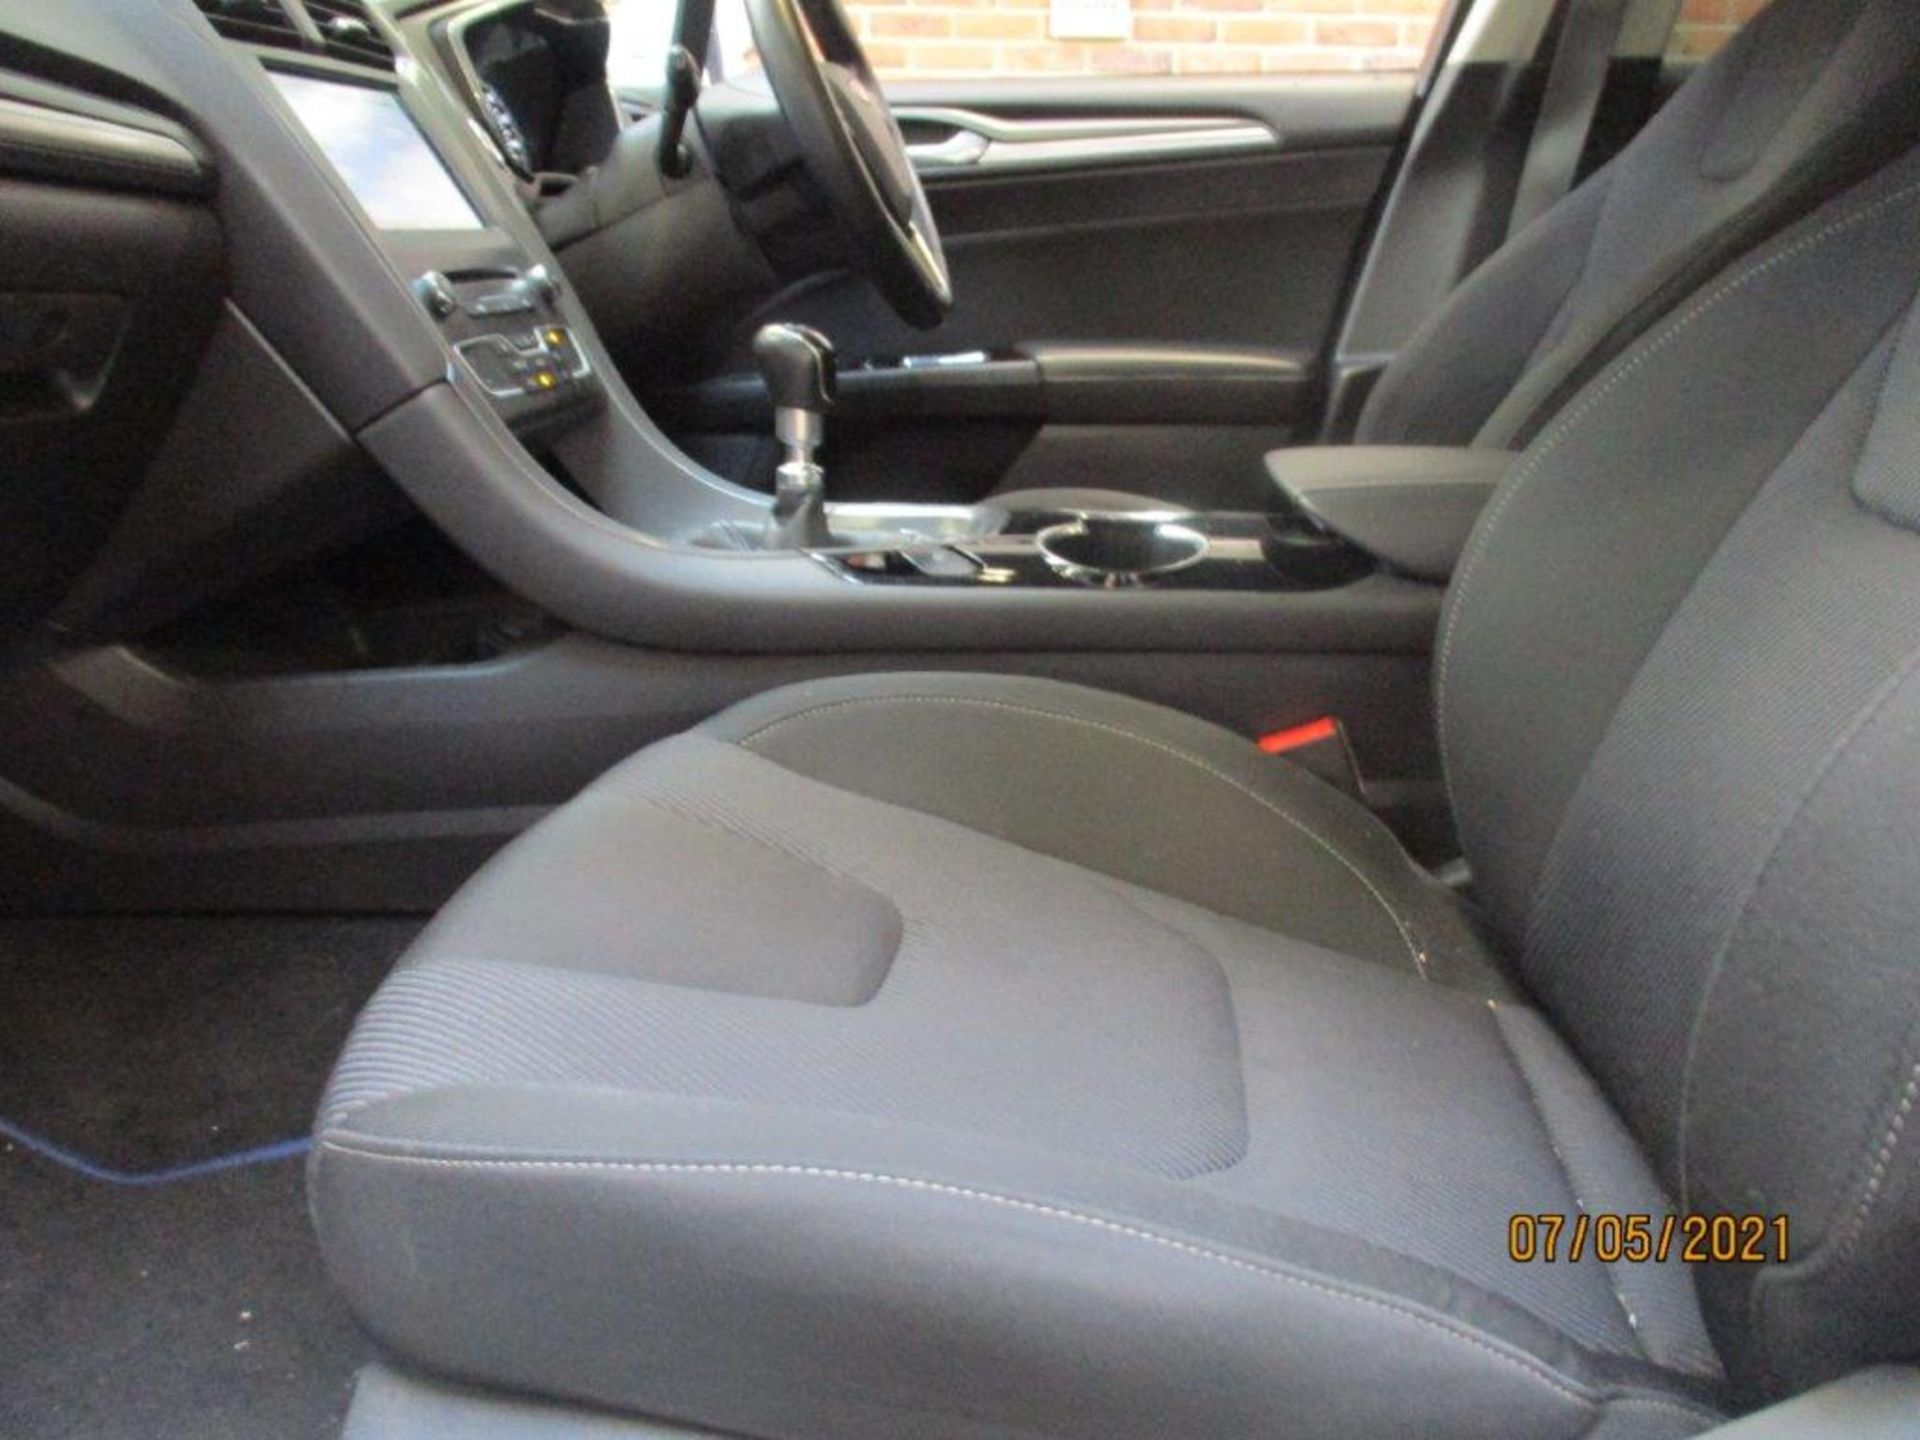 15 15 Ford Mondeo Titanium TDCI - Image 7 of 22